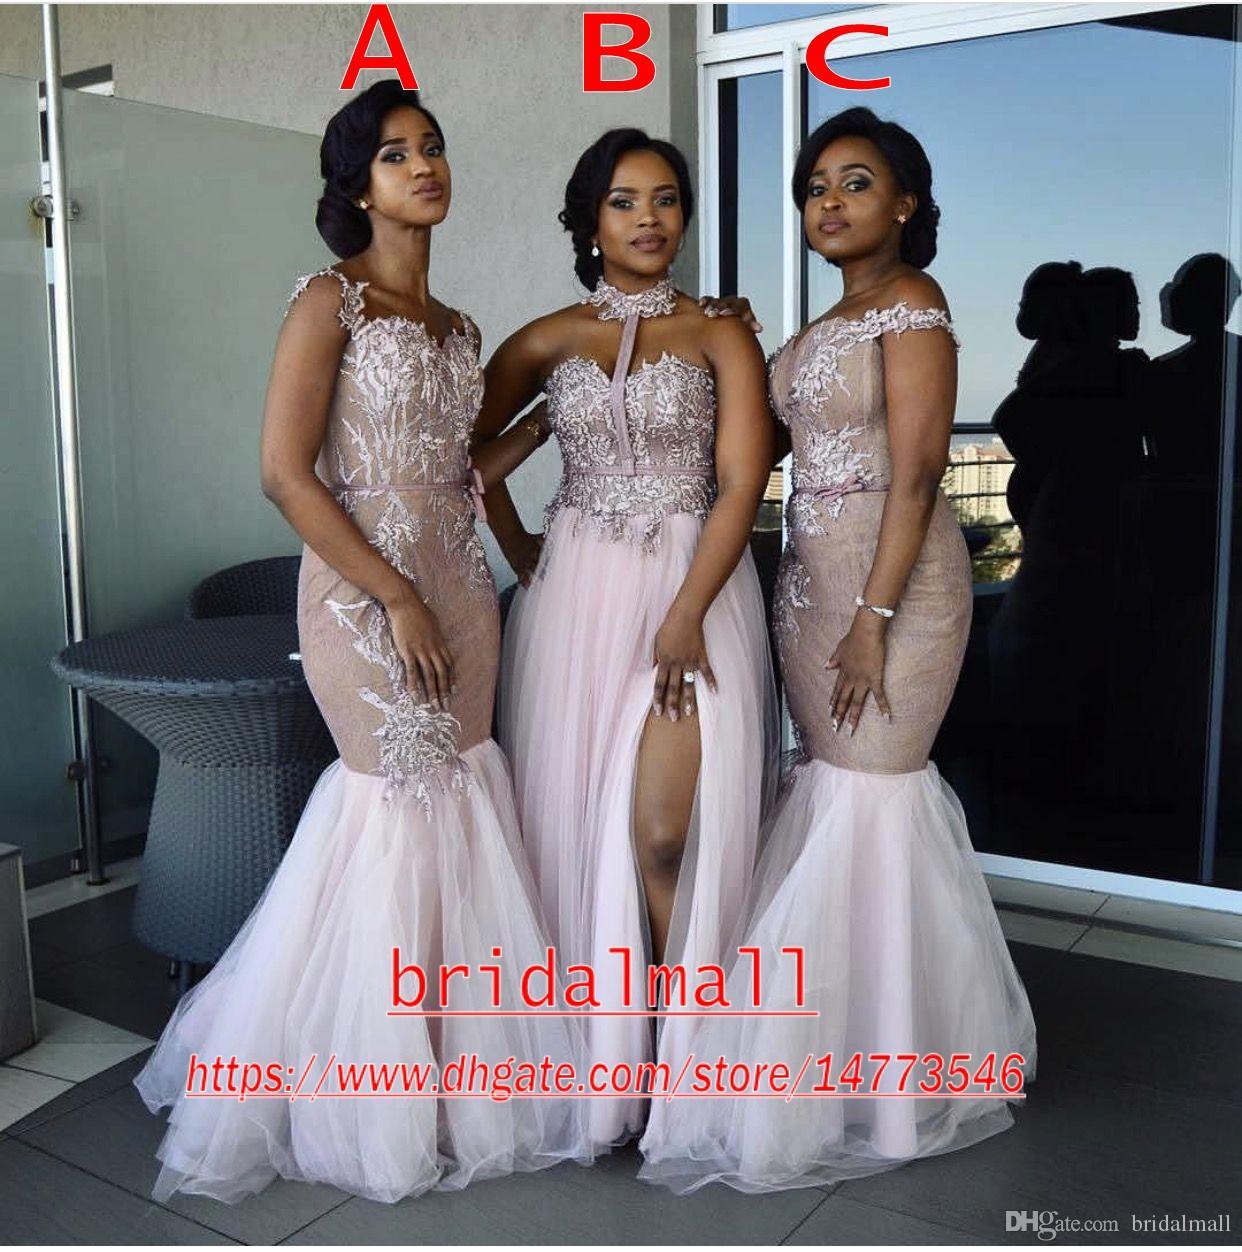 Nuevo 2019 Vestidos de dama de honor africanos Apliques largos de estilo mixto Vestido de fiesta de sirena con hombros descubiertos Vestidos de dama de honor de lado dividido Ropa de noche